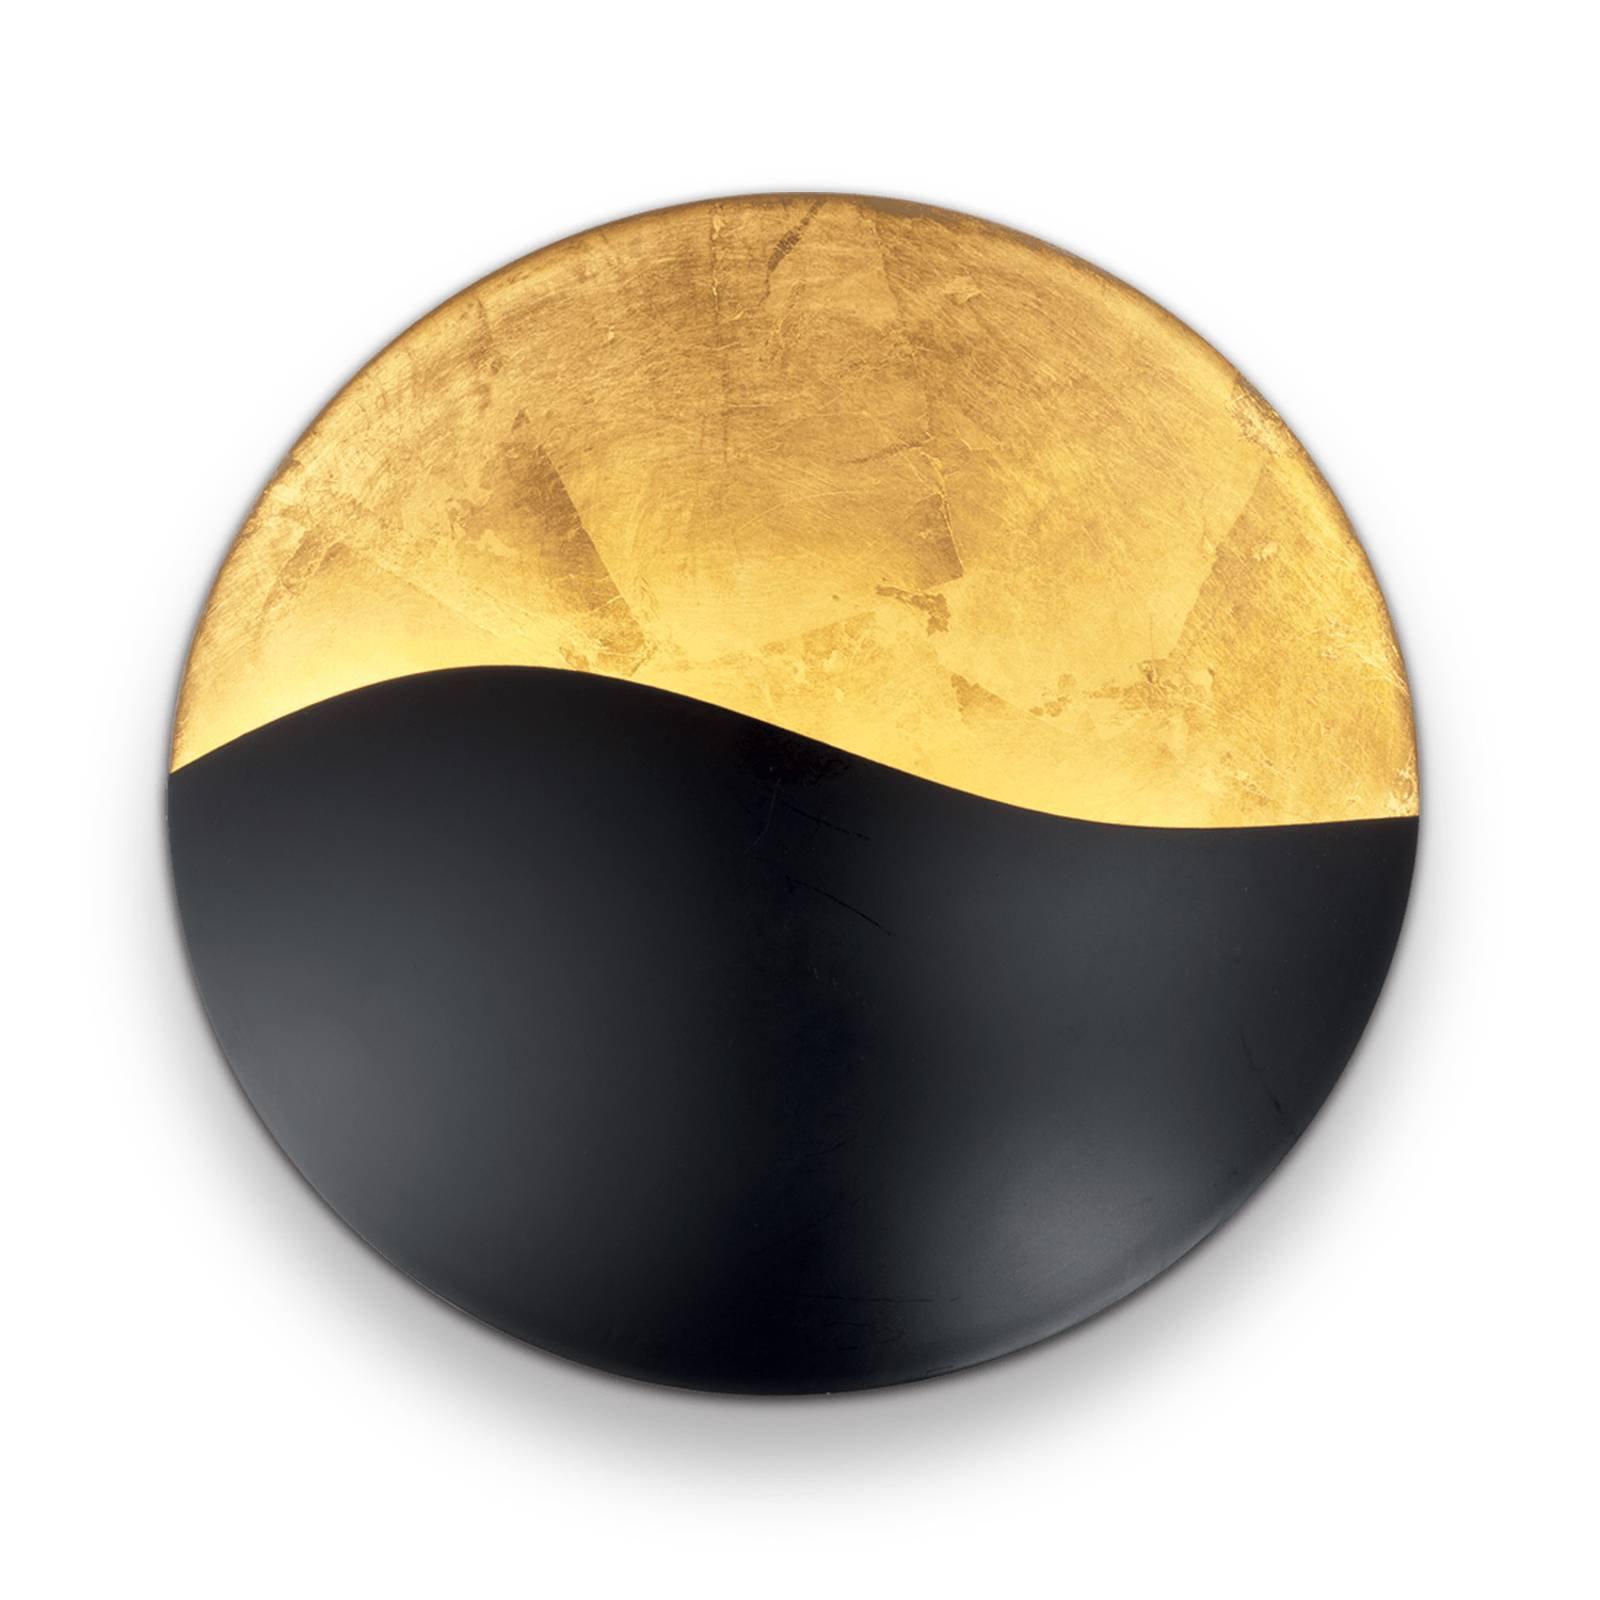 Vegglampe Sunrise G9, svart/gull, Ø 35 cm